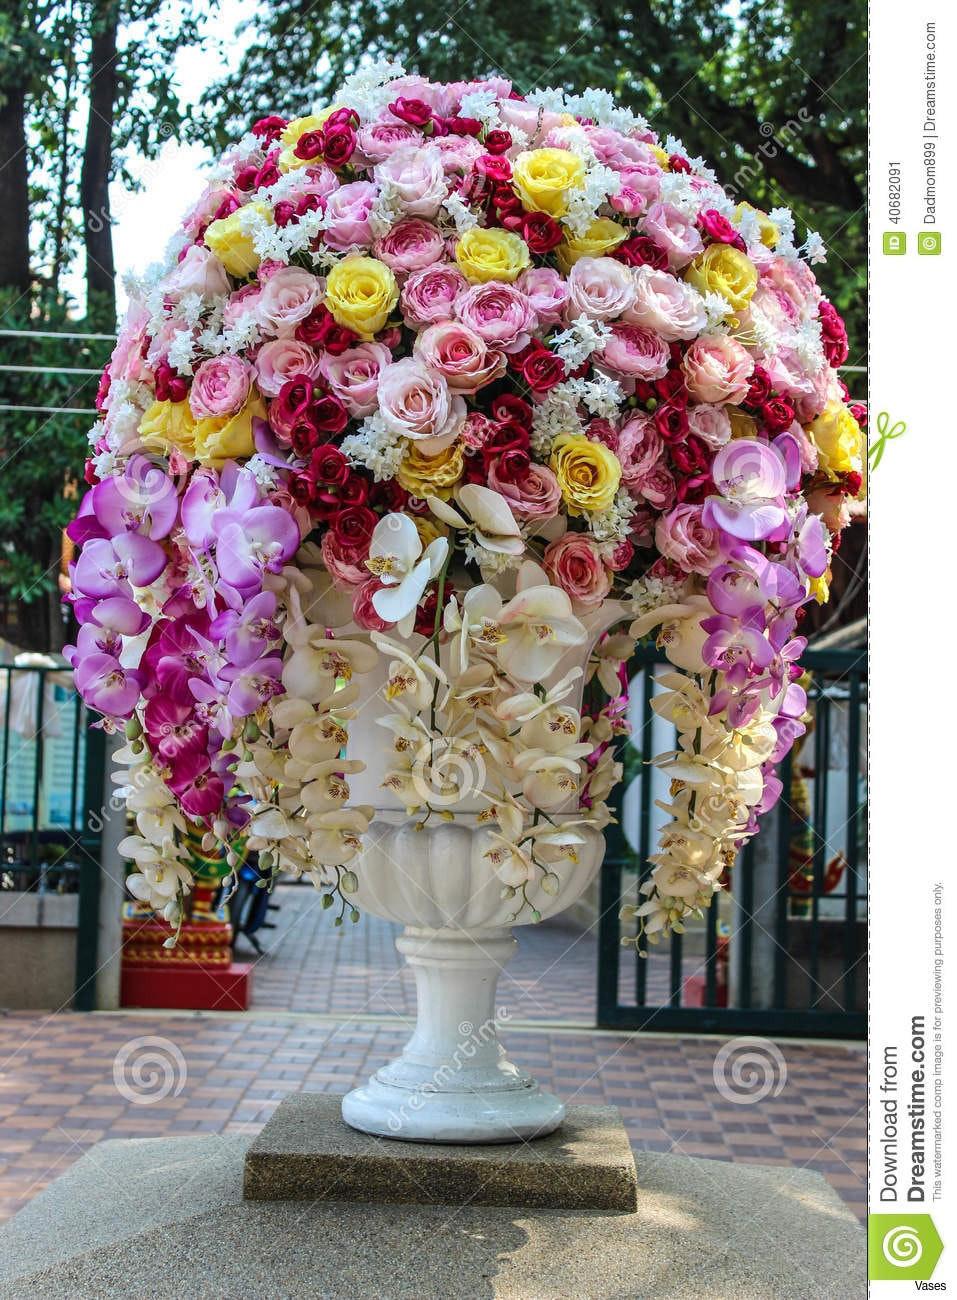 large floor vase flower arrangements of floor vases with flowers inspirational floor vase flowers design for floor vases with flowers fresh vases flower floor vase with flowersi 0d outdoor arrangements scheme of